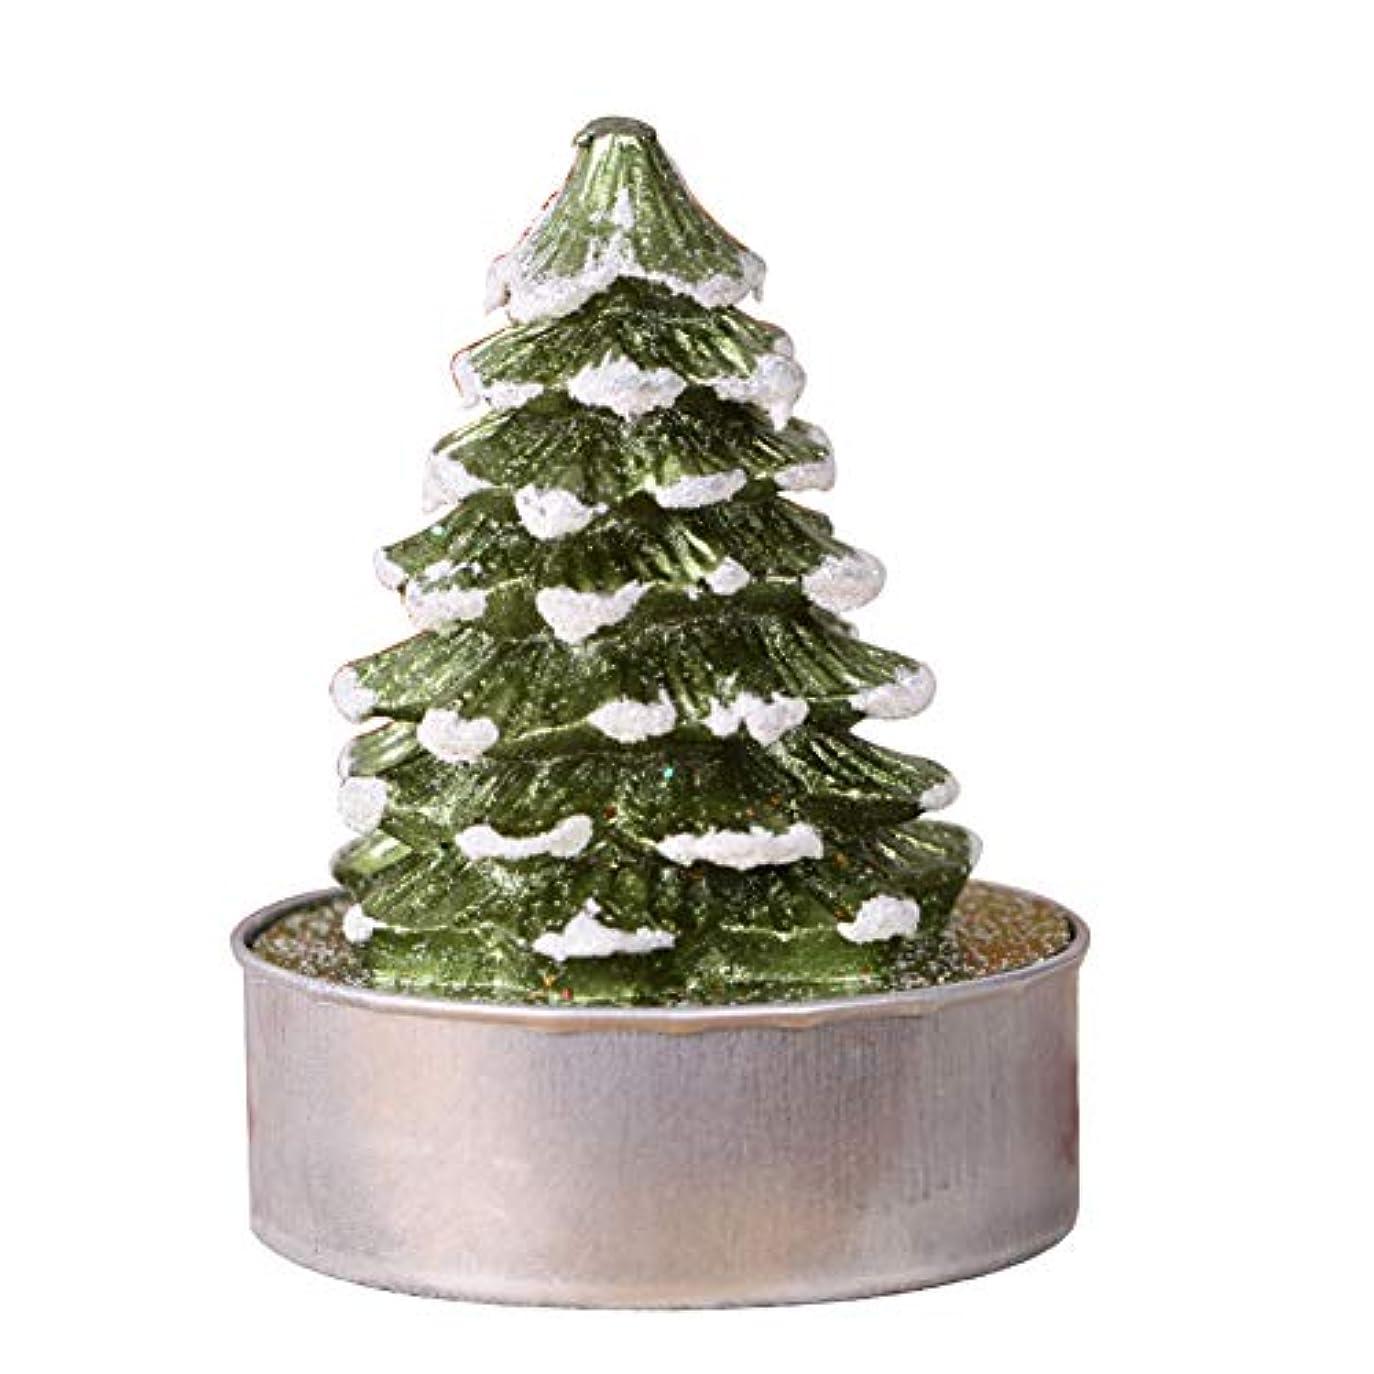 増強するレンズ再撮り2点セット、クリスマスの手工芸品のキャンドル、装飾手描きのクリスマスツリーの大きな茶ワックス